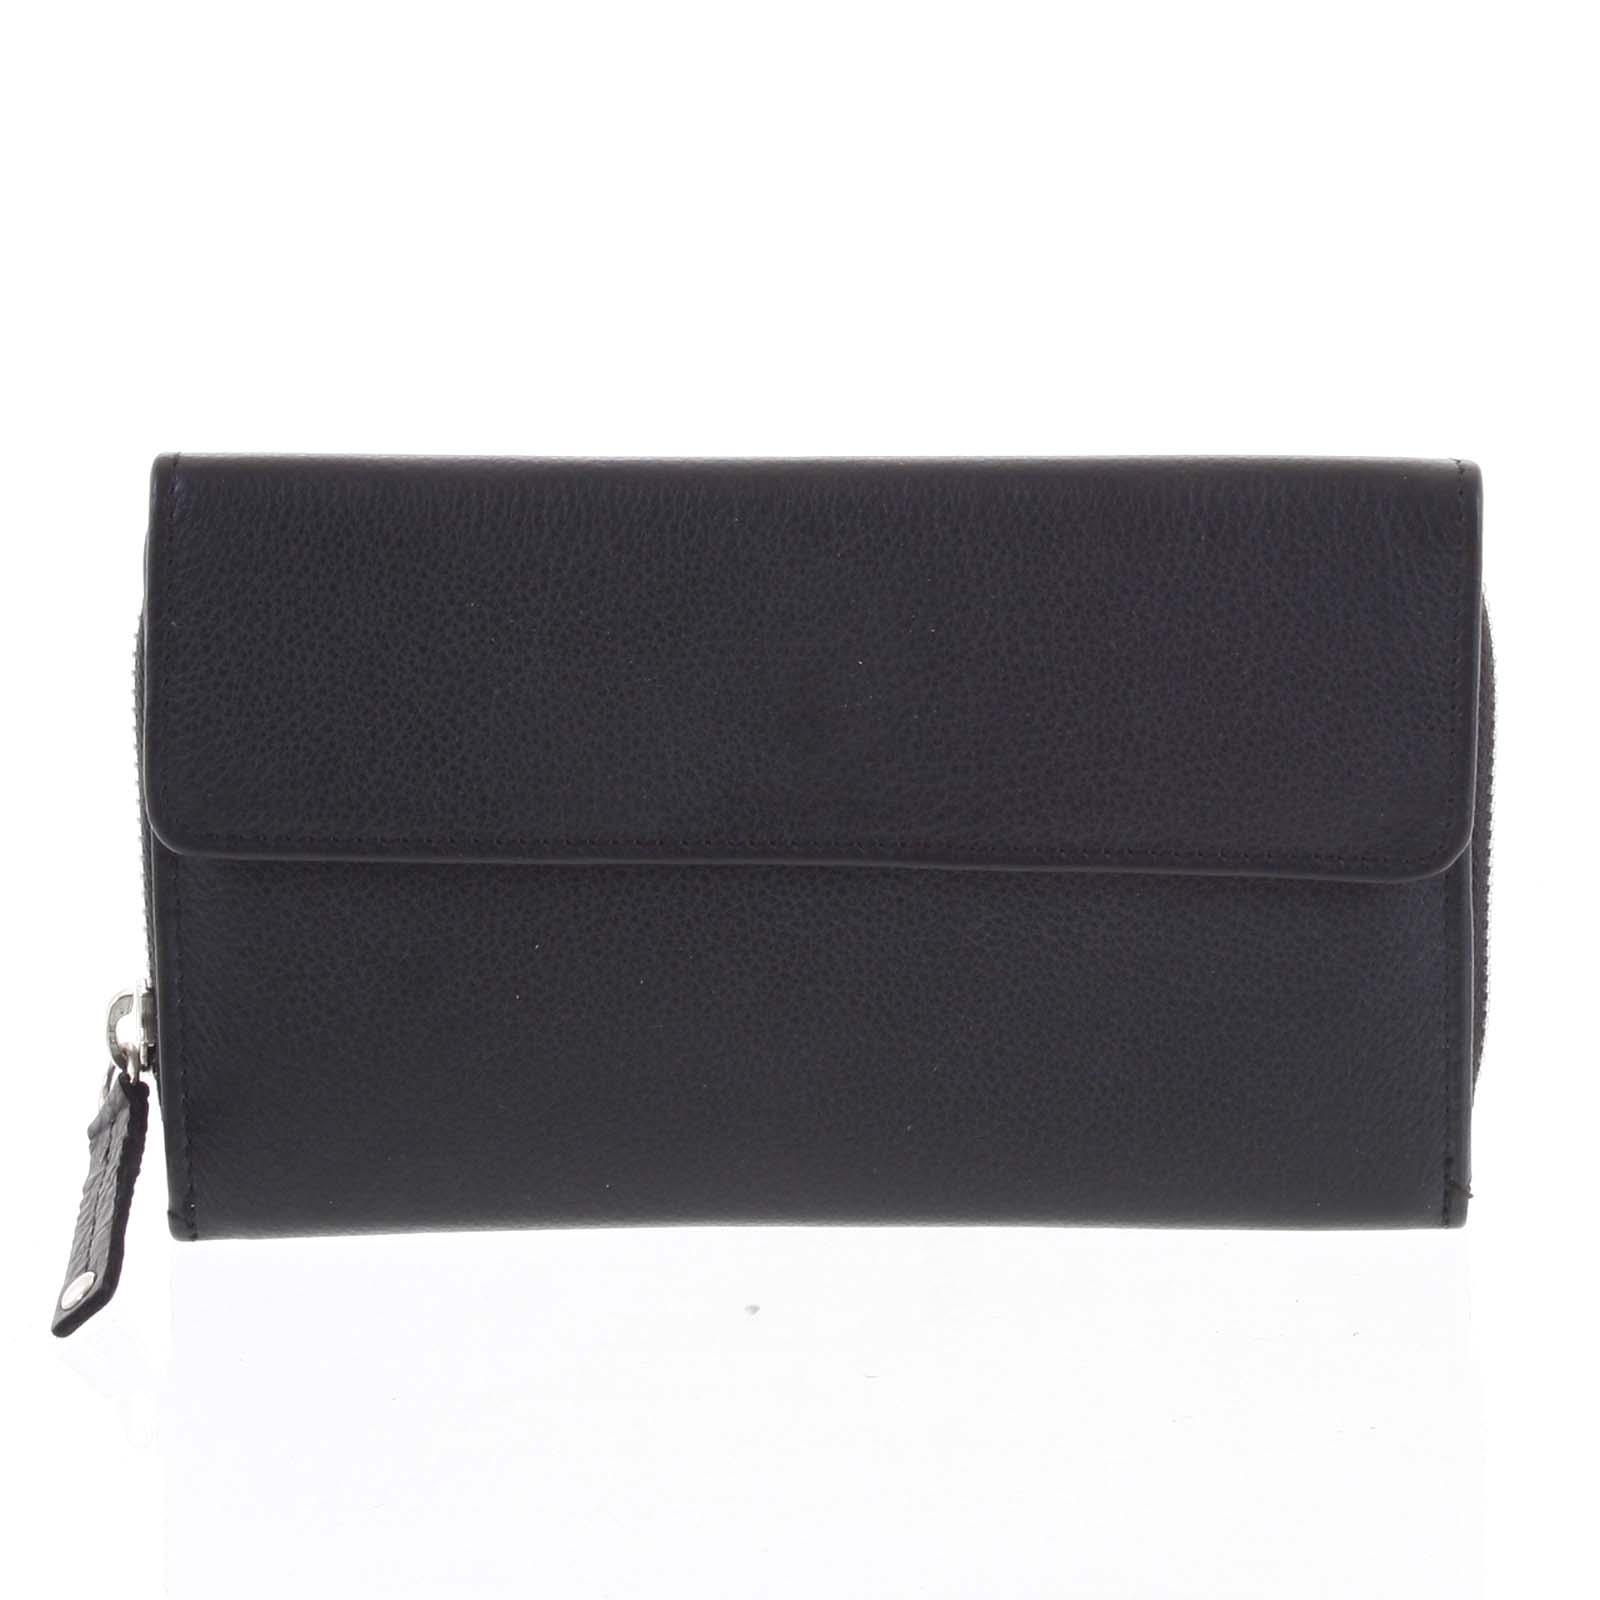 Dámska kožená peňaženka čierna - Tomas Menmaiya